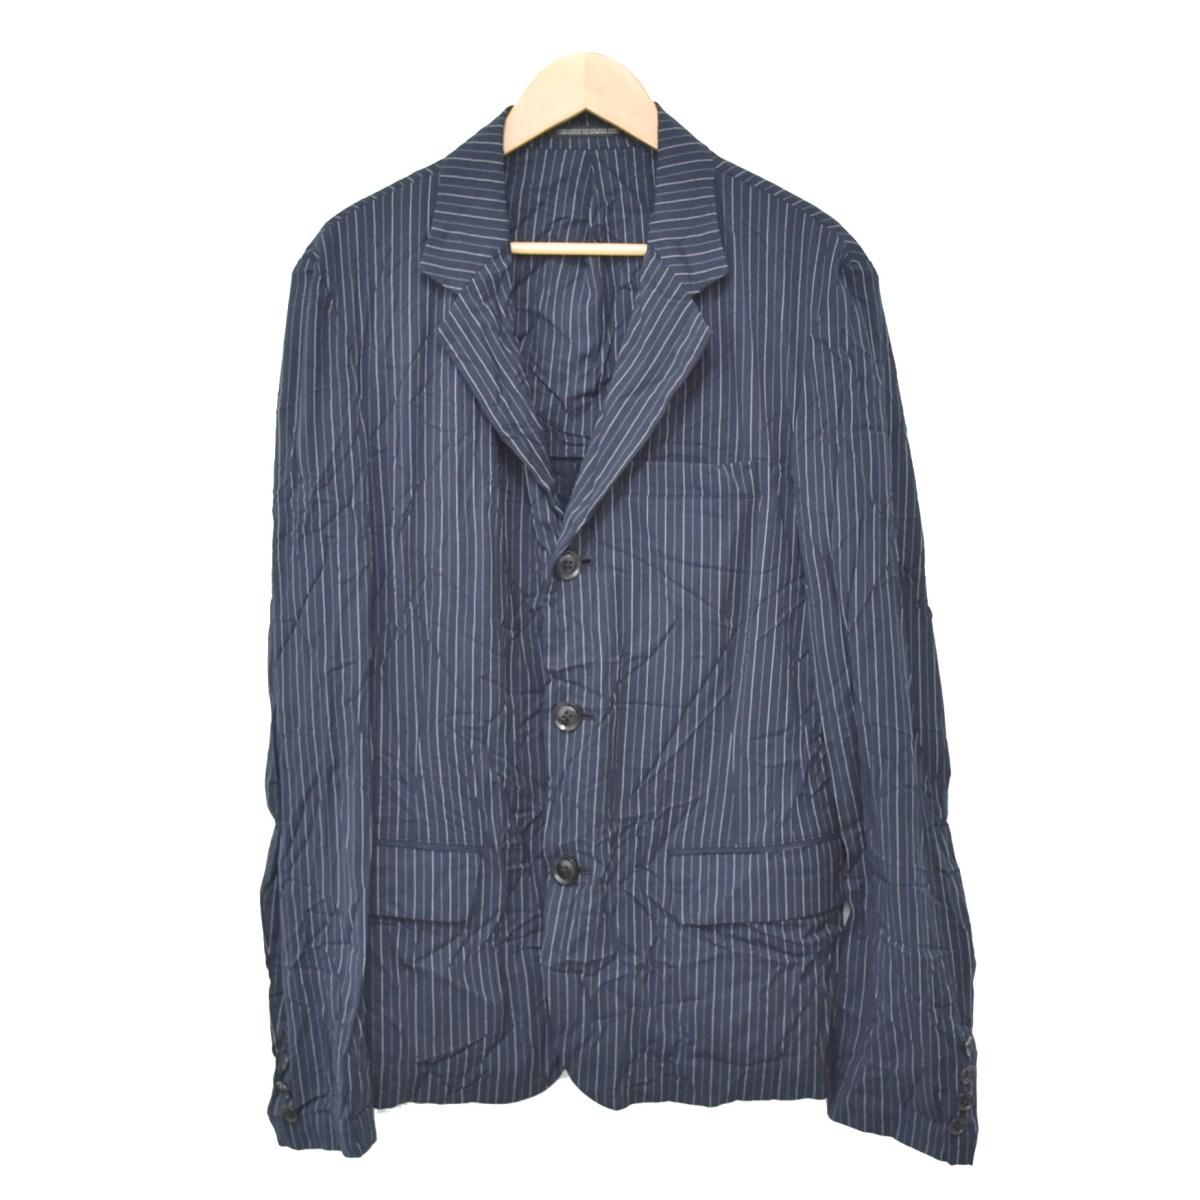 【中古】YOHJI YAMAMOTO pour homme 16SS 3B Notched Lapel Wrinkled Stripe Jacket ジャケット ネイビー サイズ:2 【270420】(ヨウジヤマモトプールオム)